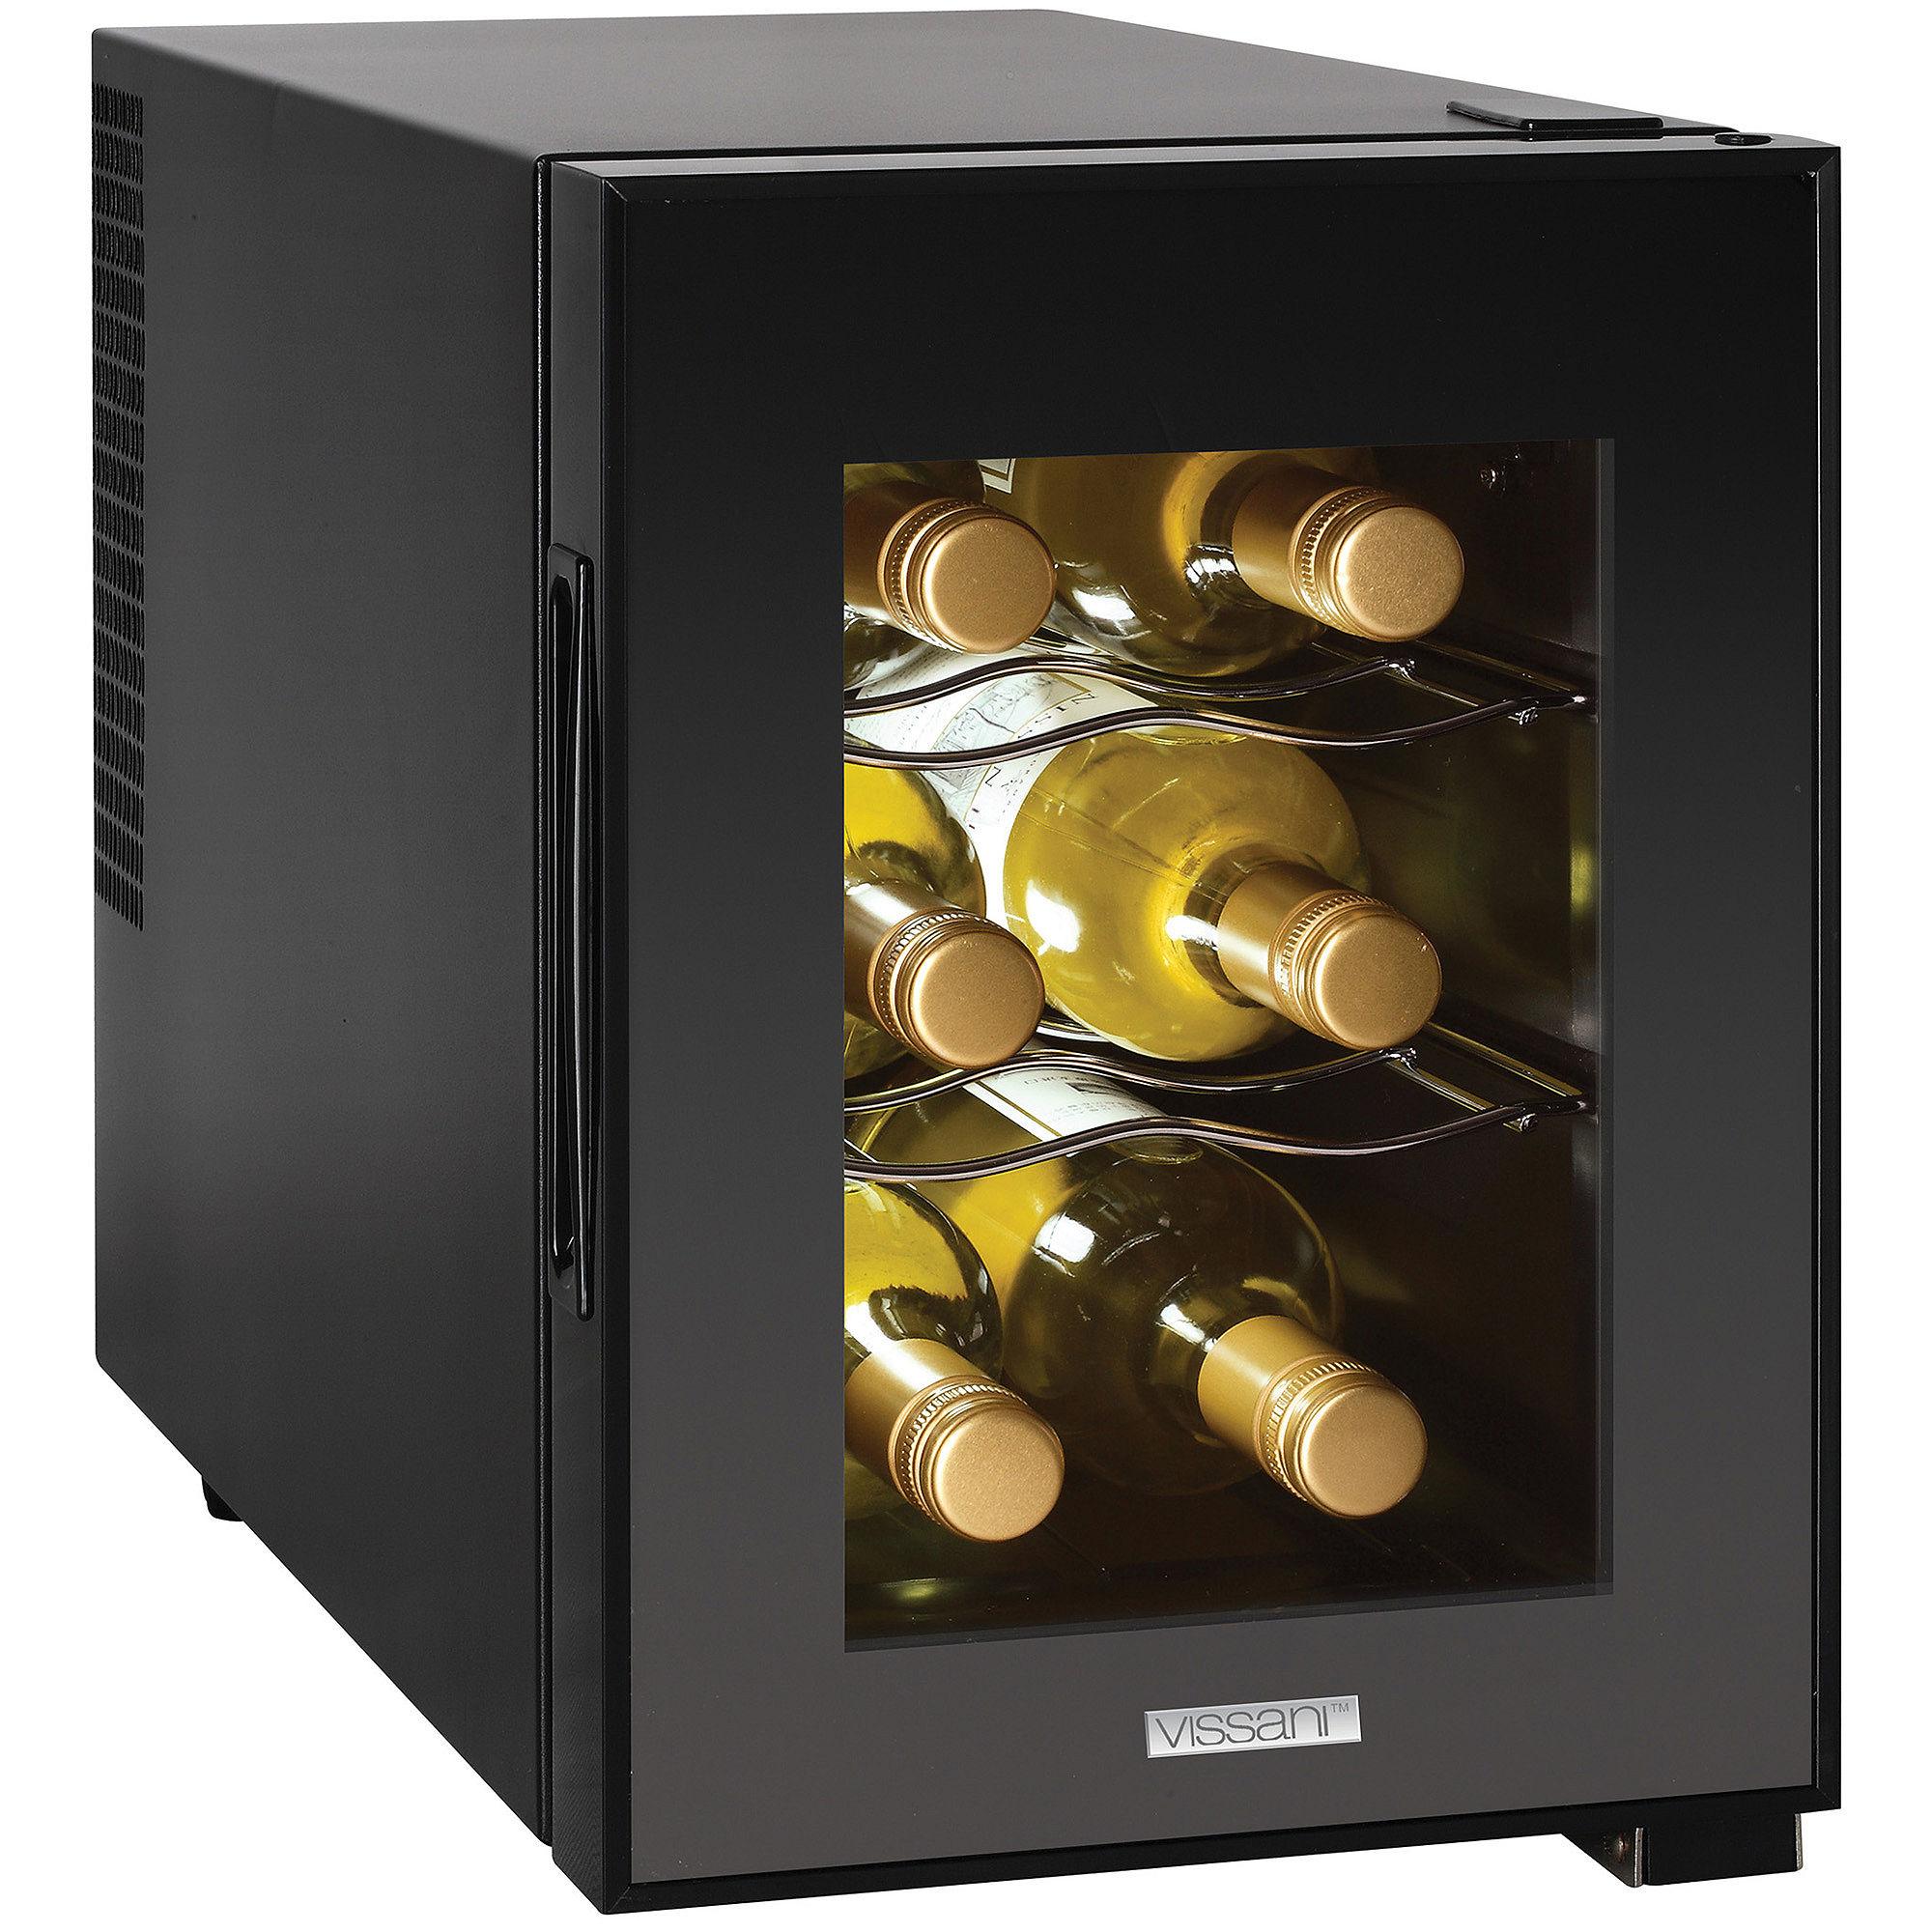 Magic Chef 6-Bottle Countertop Wine Cooler